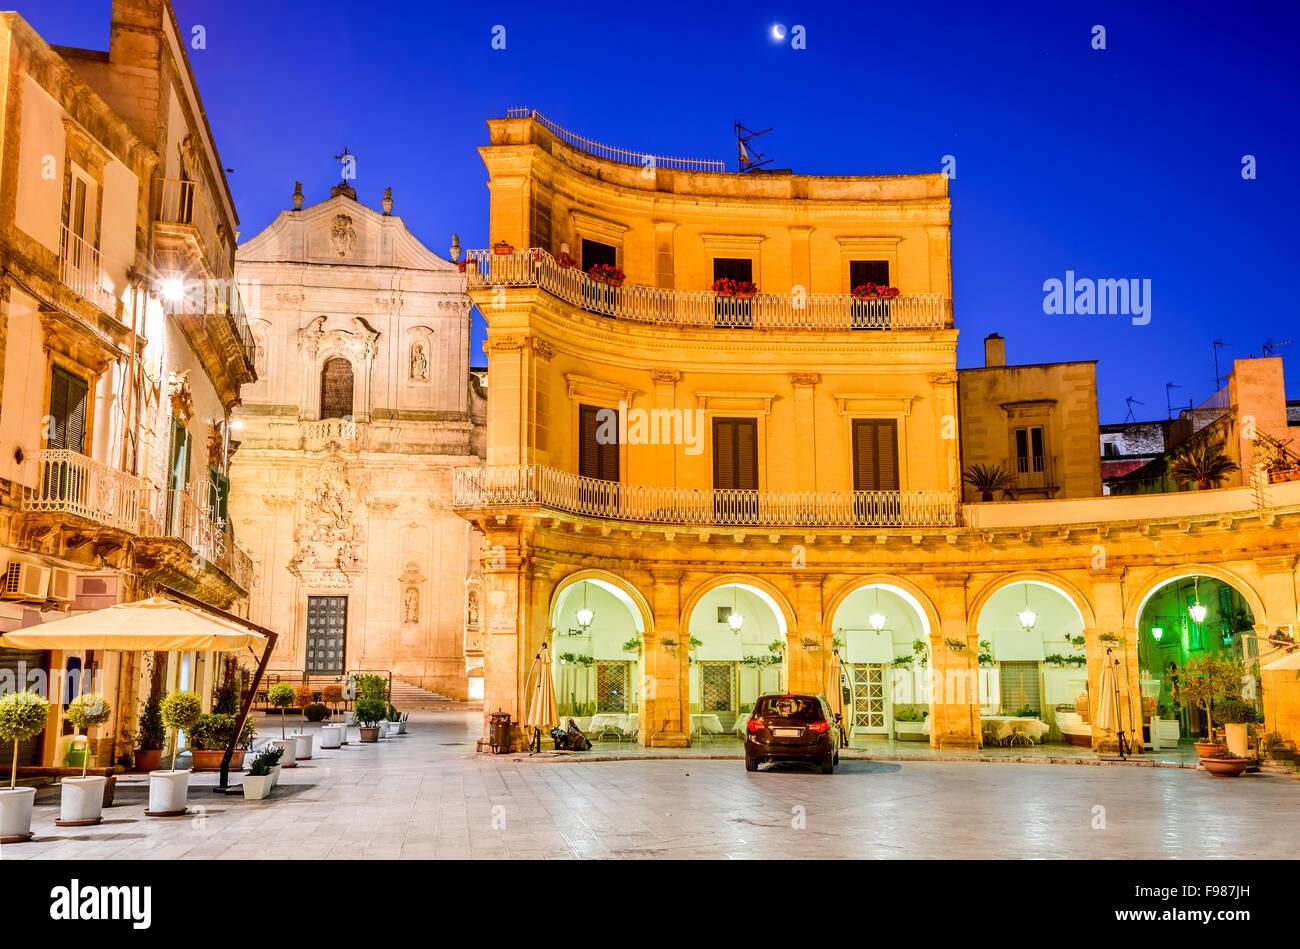 Martina Franca, Puglia in Italy. Piazza Plebiscito and Basilica di San Martino at twilight. - Stock Image